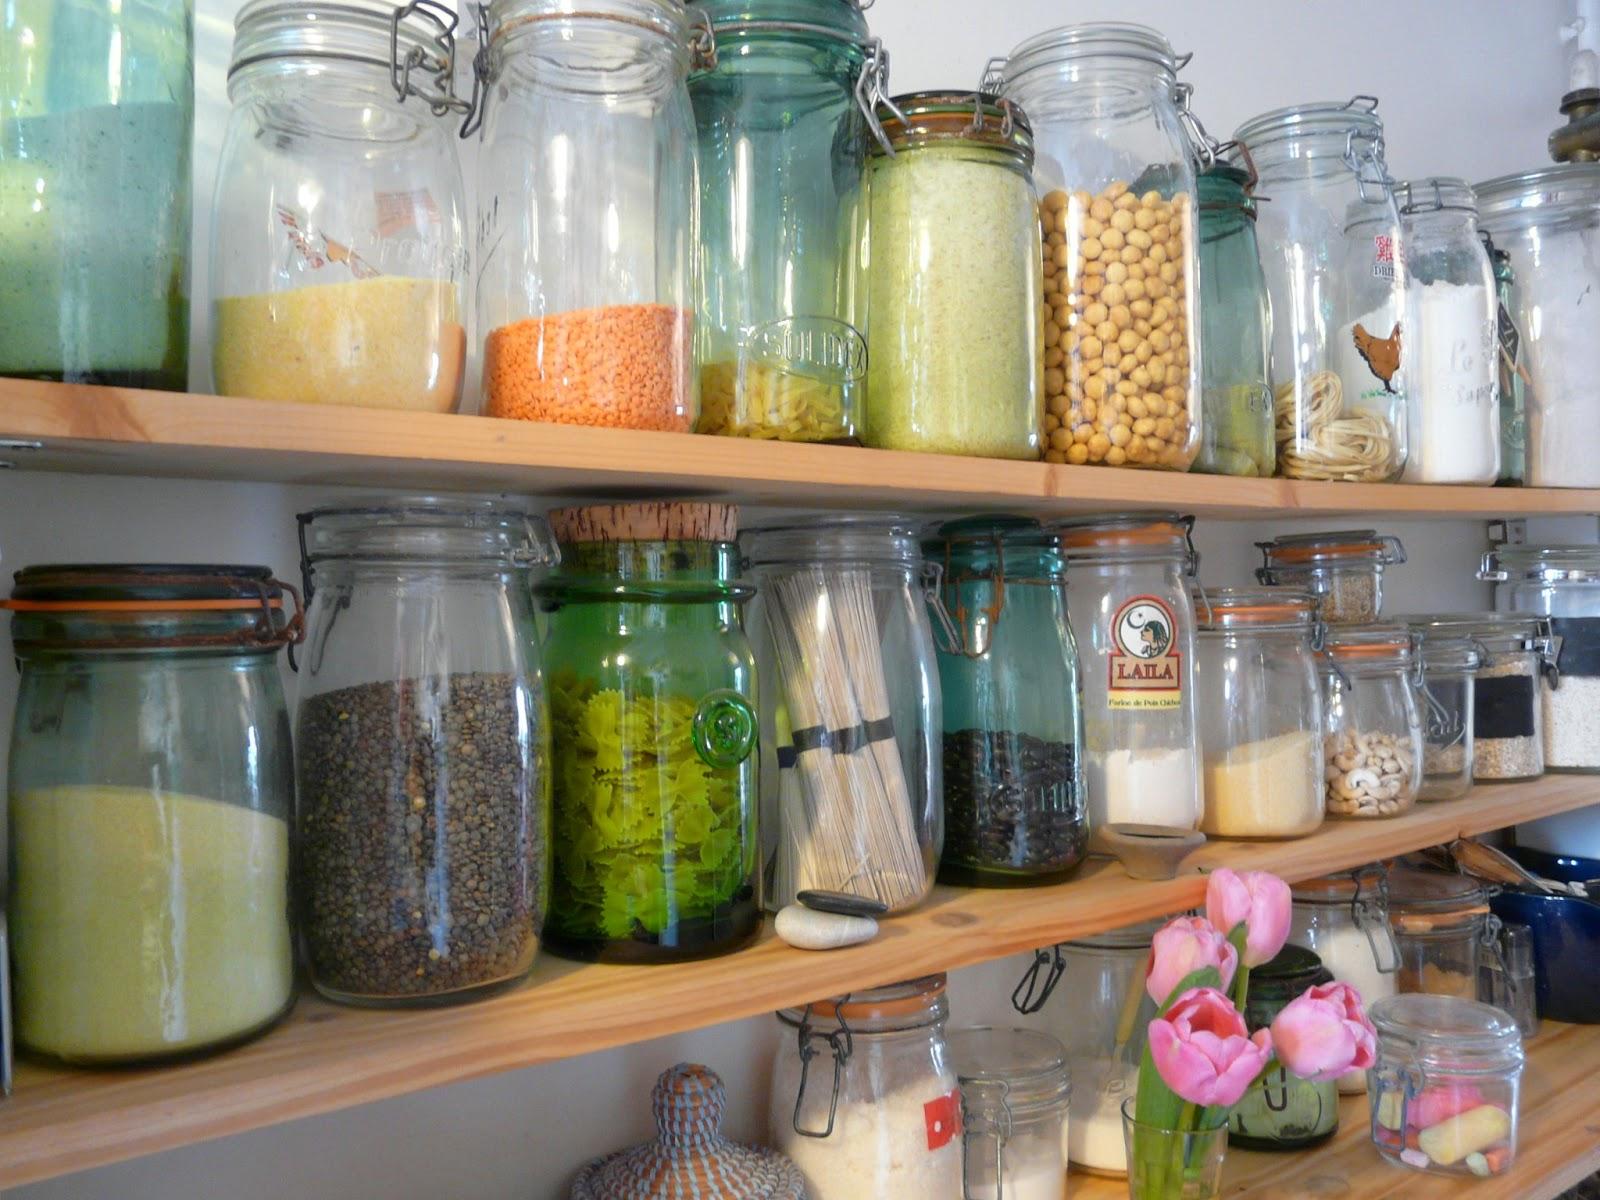 Tante Cath Le Blog Aménager Sa Cuisine - Organiser sa cuisine